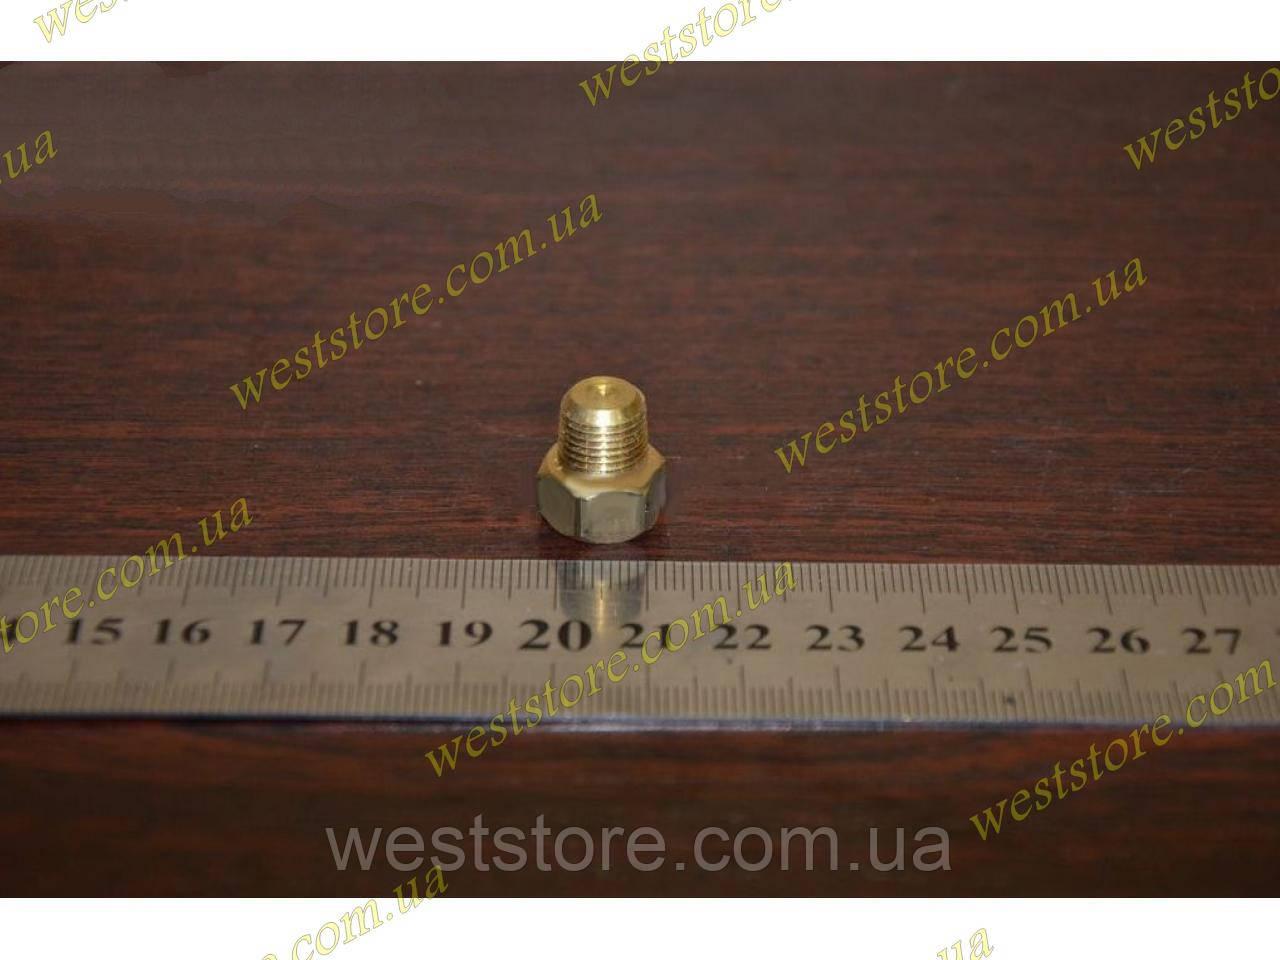 Пробка блока слива тосола ваз 2101 2102 2103 2104 2105 2106 2107  м 10х1 латунь